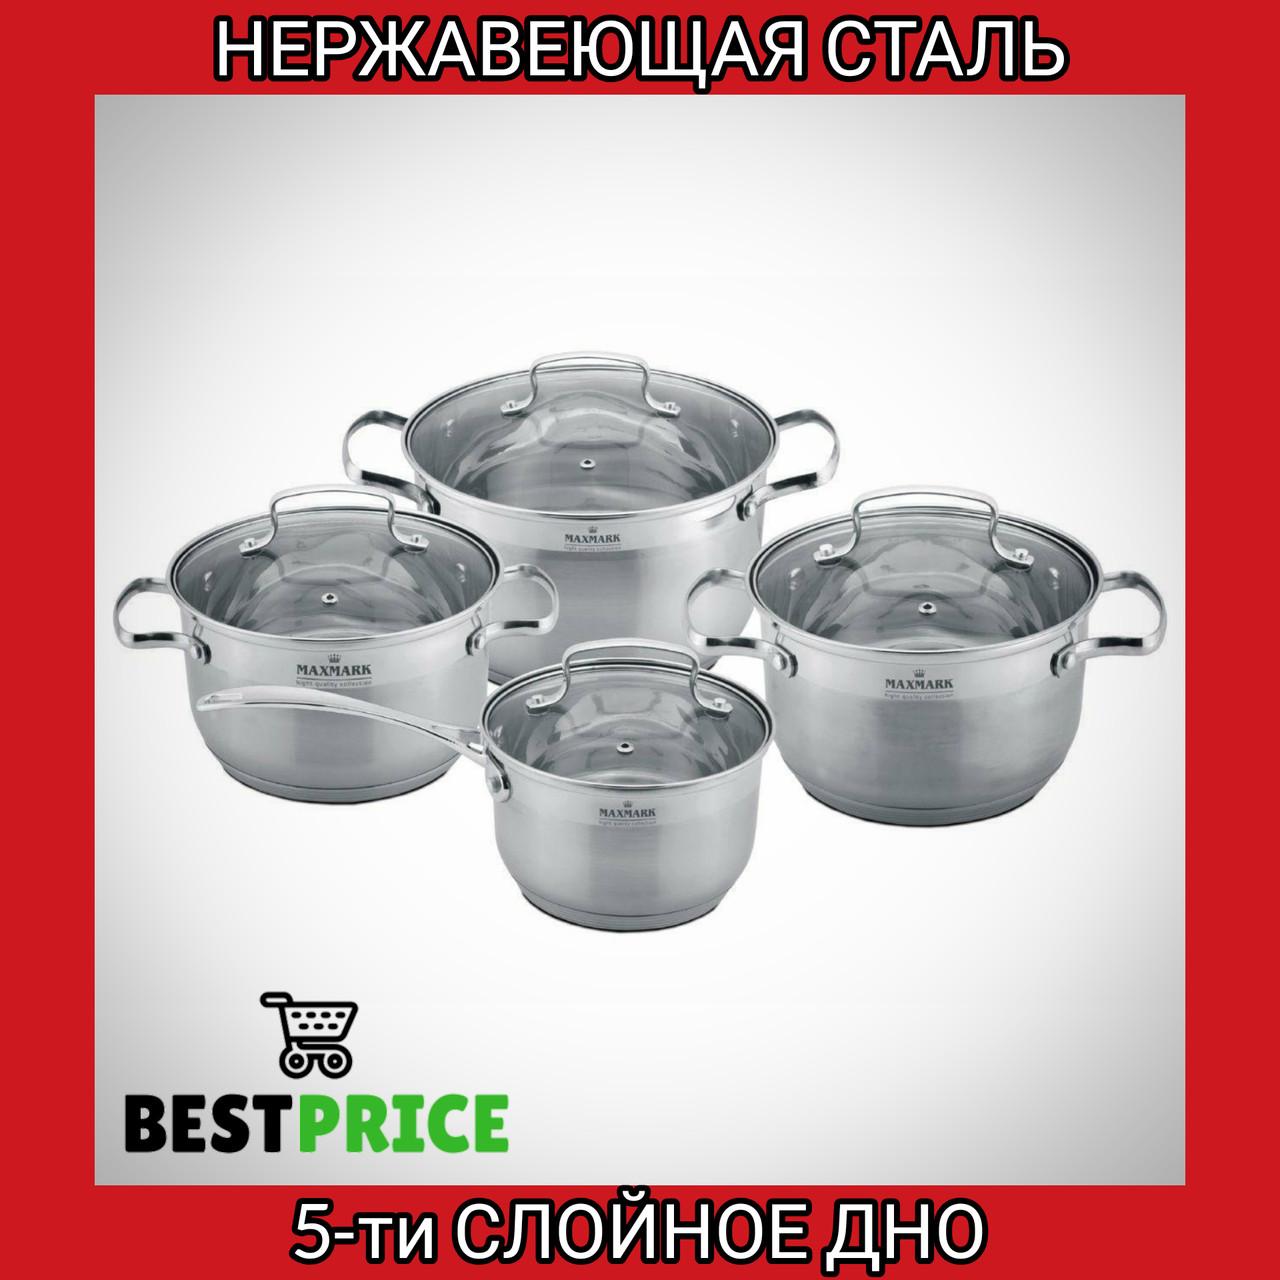 Набор посуды нержавеющий Maxmark - 4 шт. LUXE (3 х 3,8х6л,+сотейник1,9 л.) MK-3008